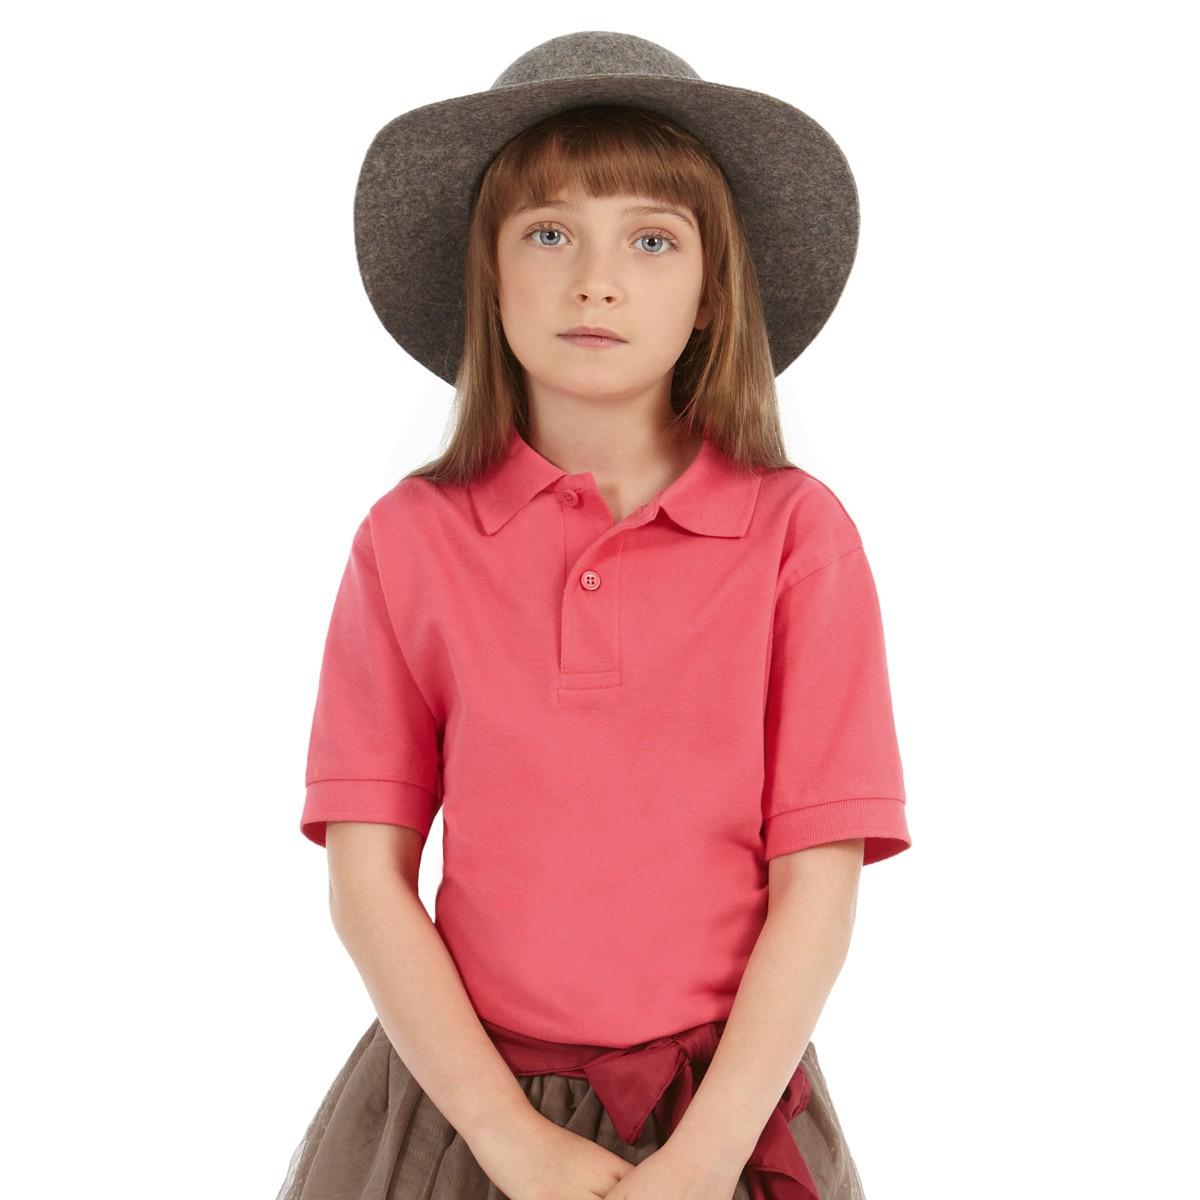 3692ef966 B C Kids Polo Shirts for Printing